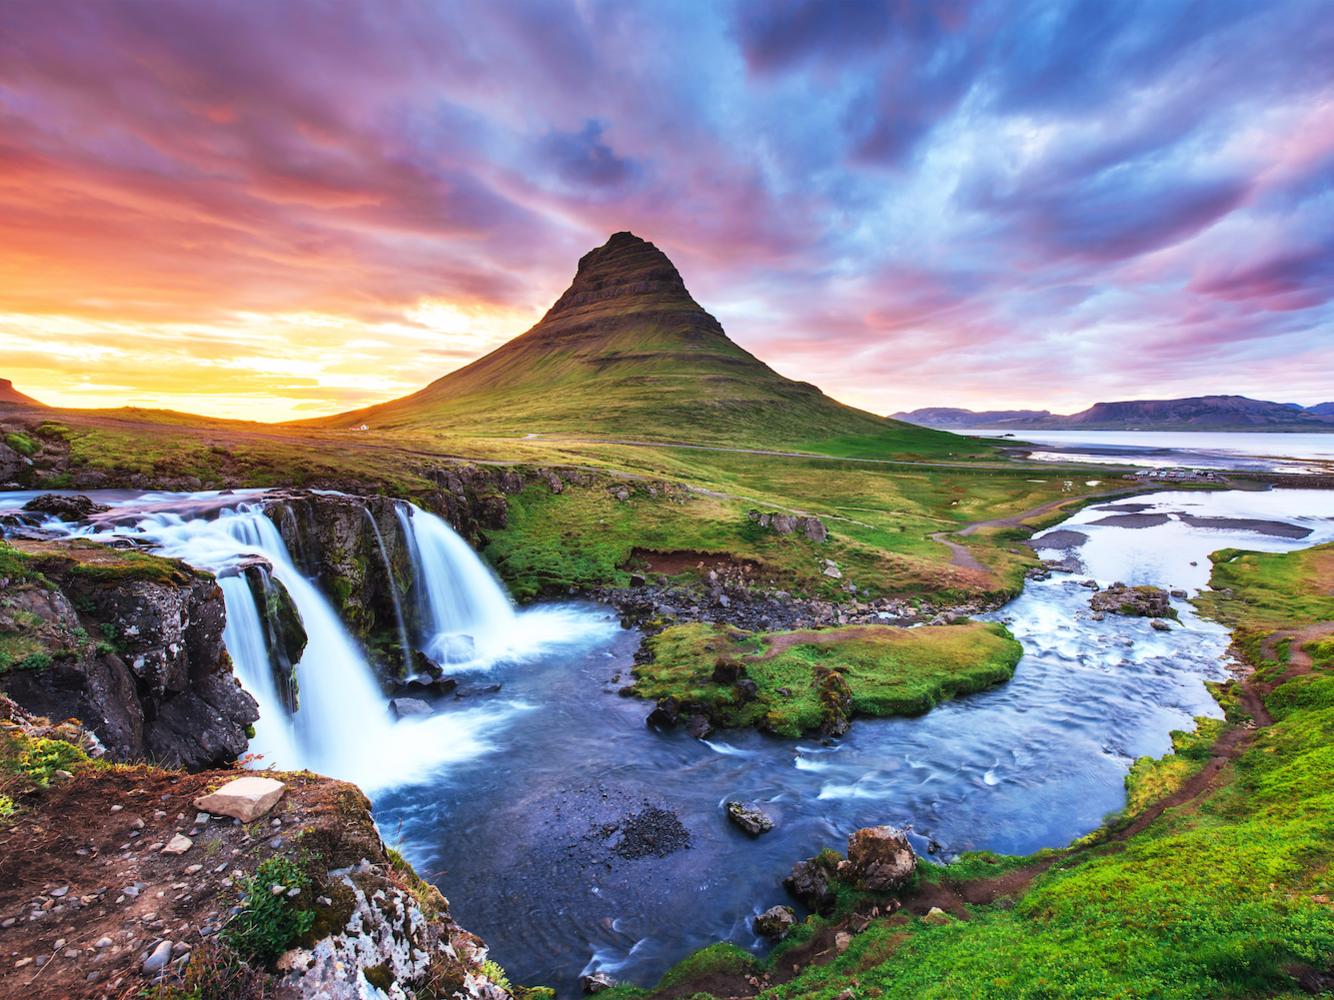 <strong><em>Kirkjufell, Grundarfjörður, Iceland:</em></strong>Được biết đến như là ngọn núi được chụp ảnh nhiều nhất ở Iceland, Kirkjufell có vị trí độc đáo trên bán đảo Snæfellsnes. Đỉnh núi trông như mọc lên từ giữa đại dương, những thác nước gần đó càng làm tăng thêm vẻ hùng vĩ của ngọn núi. Kirkjufell thậm chí còn được chọn làm địa điểm quay phim phần 6 và 7 trong series phim nổi tiếng Game of Thrones (Trò chơi vương quyền<em>).</em>